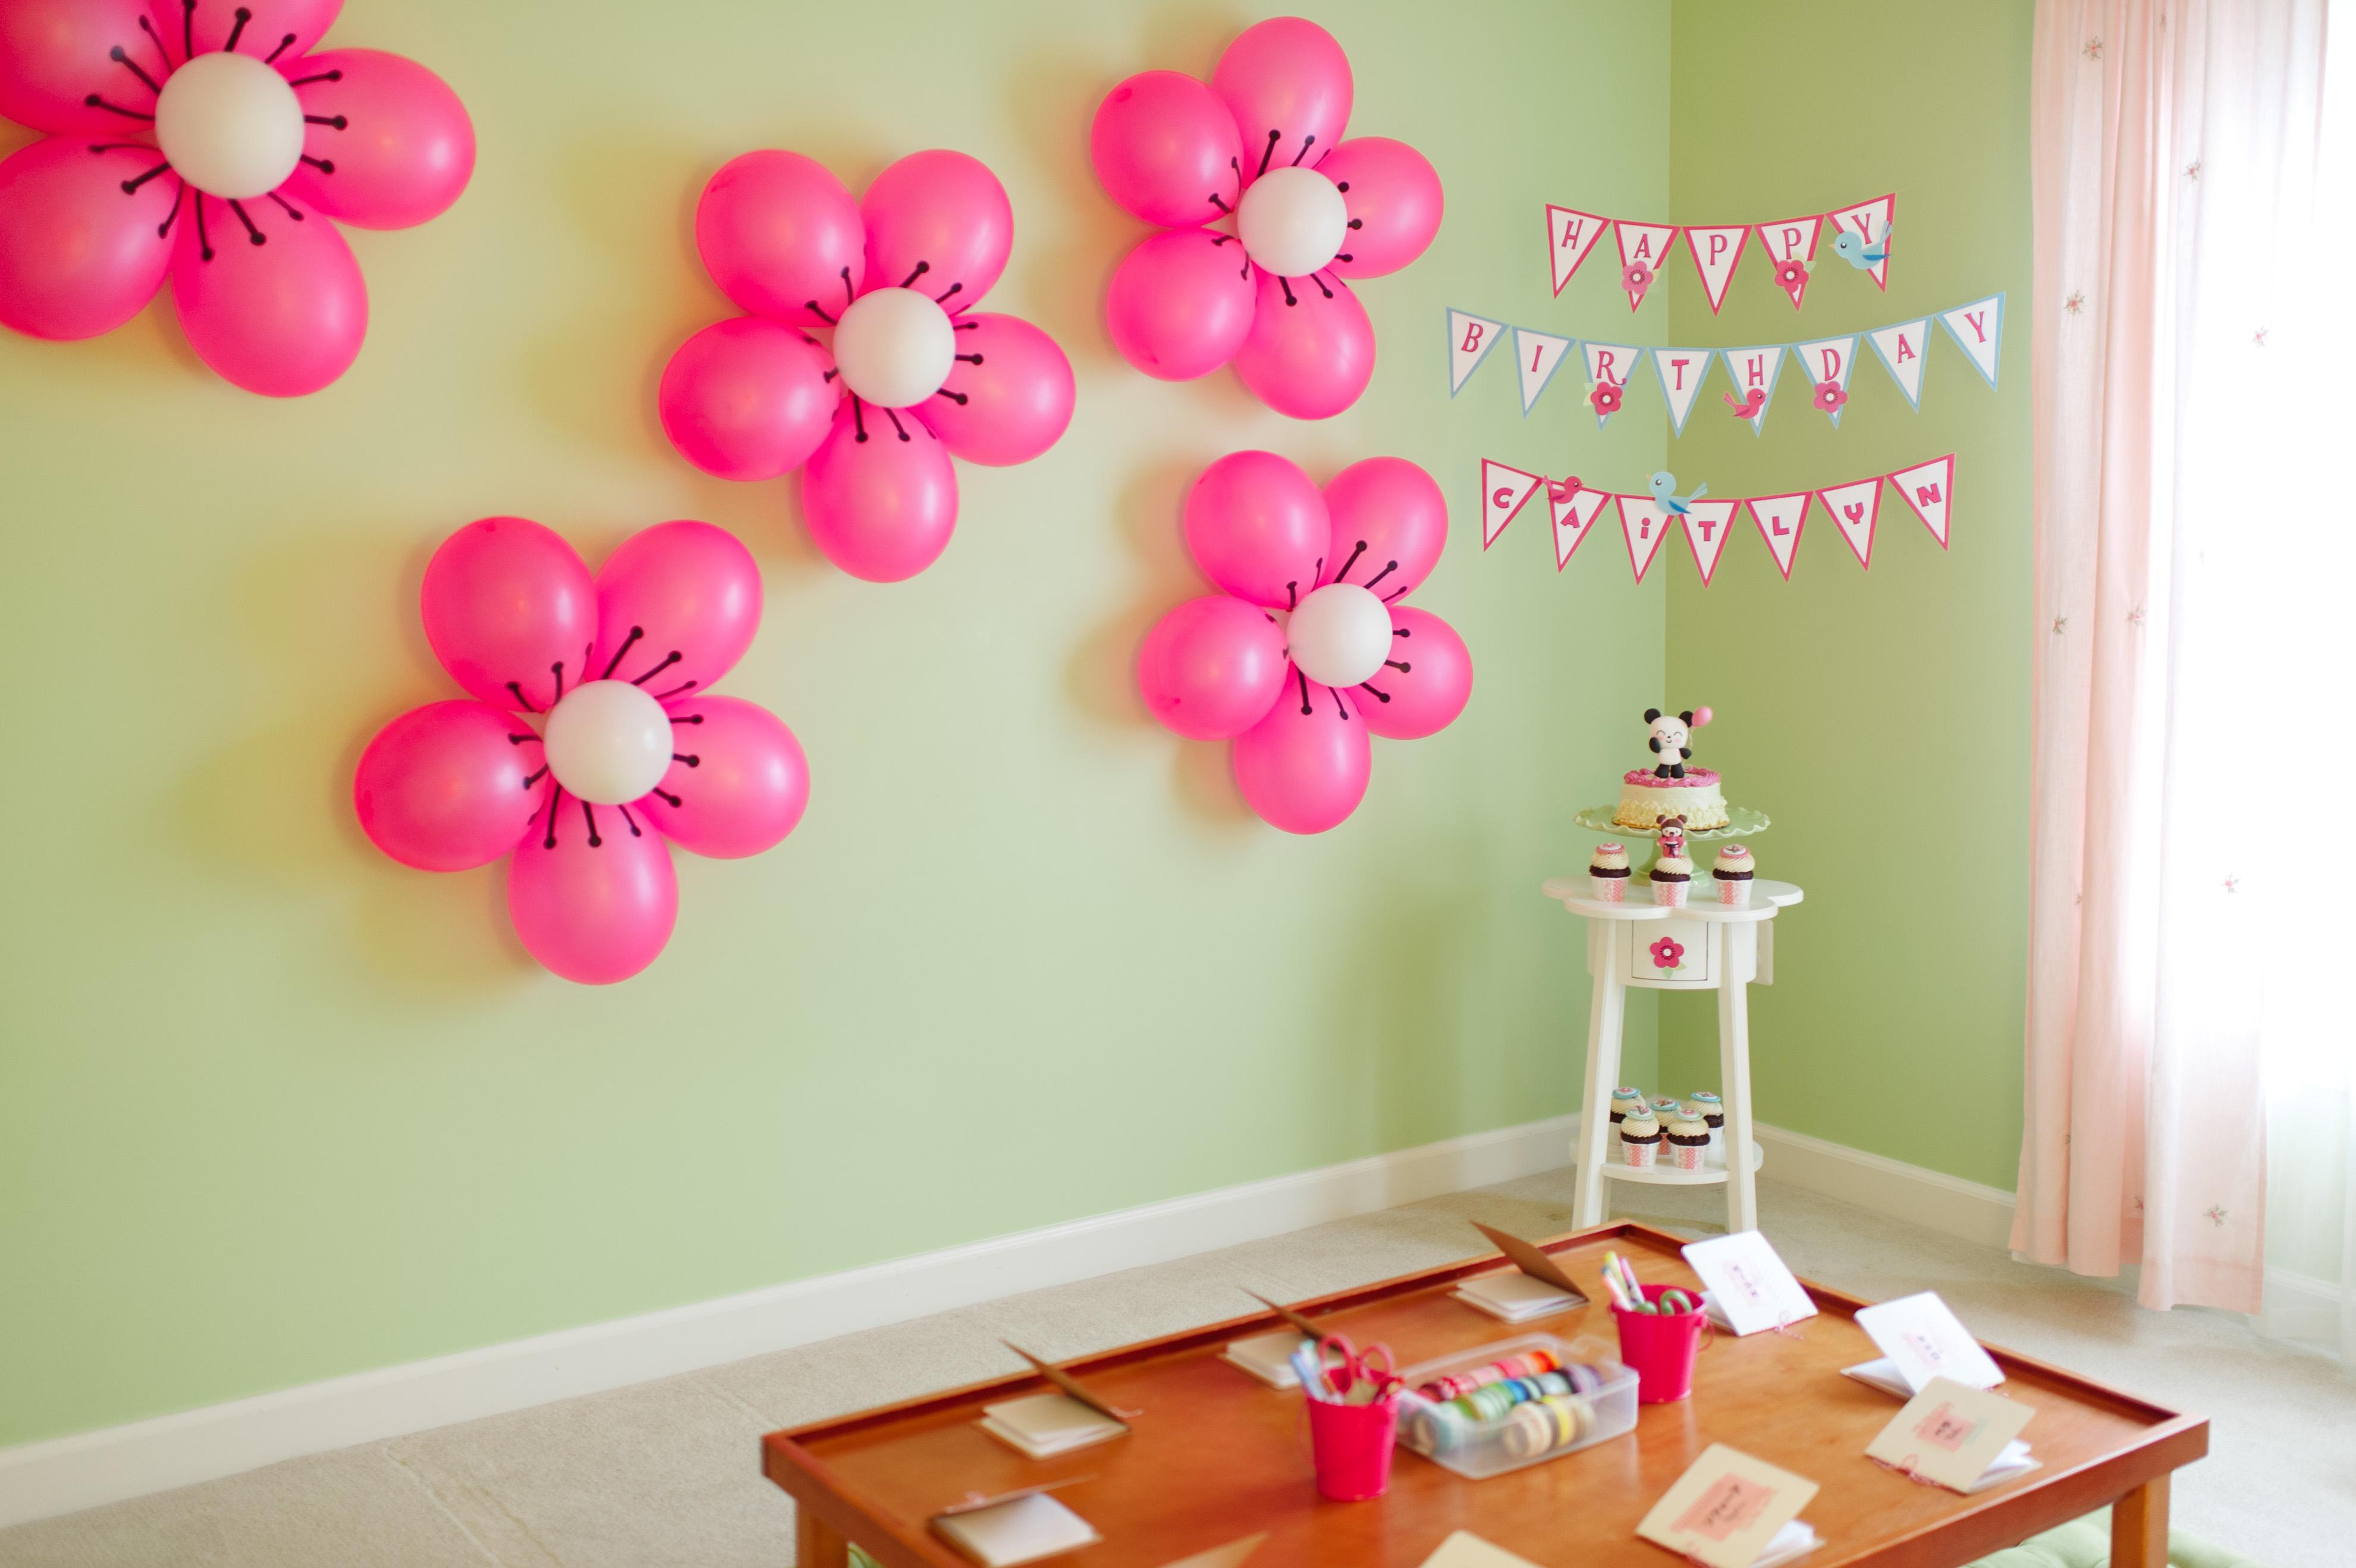 Как украсит дом своими руками ко дню рождения мамы